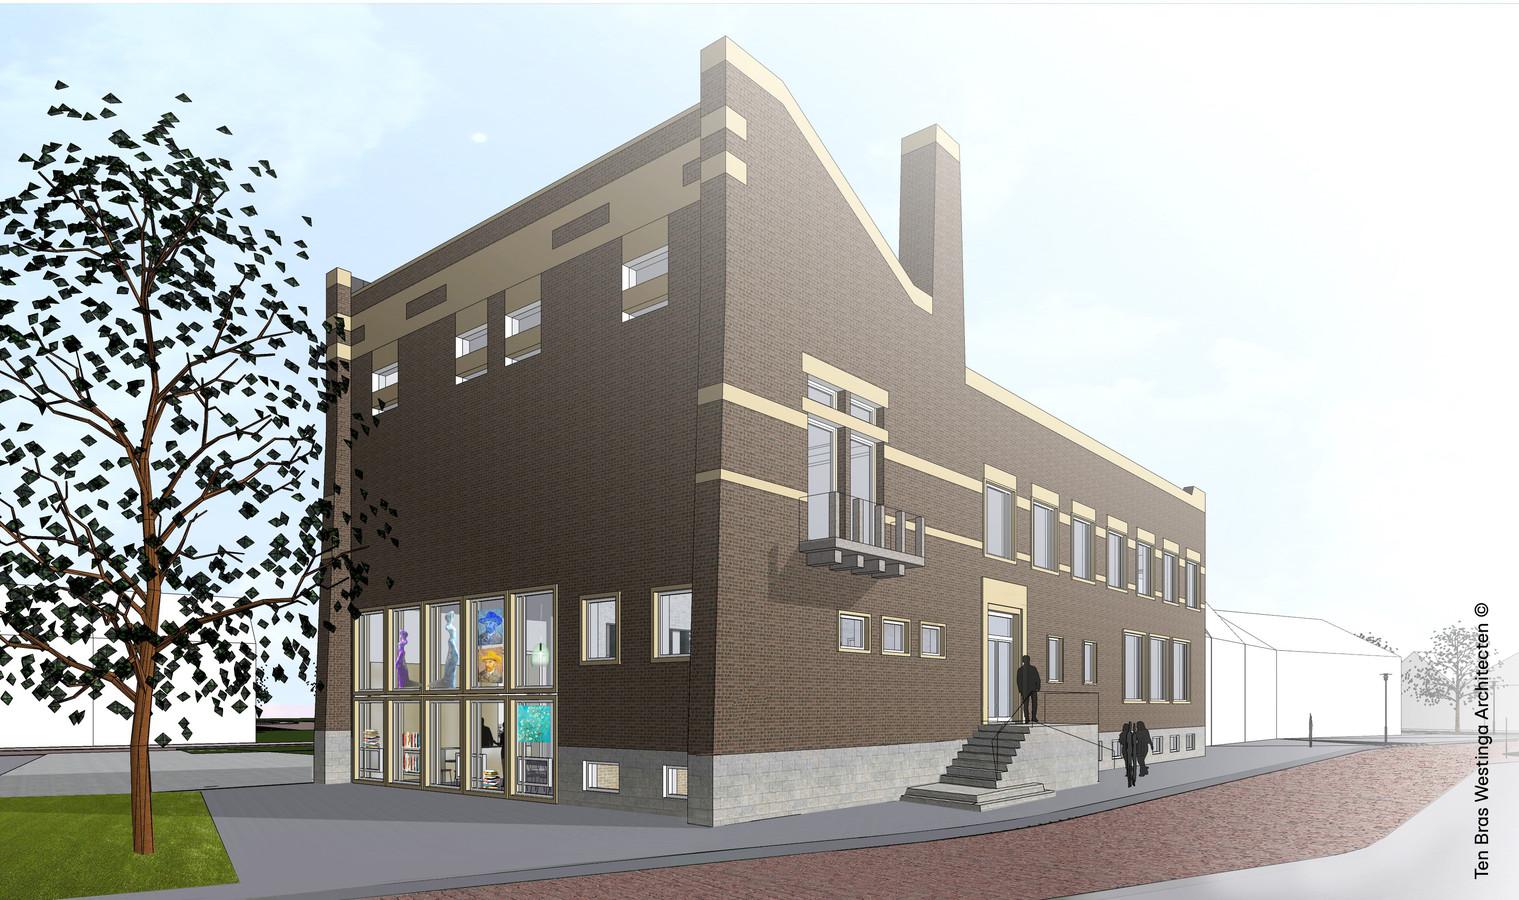 Toekomstige invulling van oude raadhuis Schijndel. Het ontwerp is van Maaike Westinga van TenBrasWestinga.